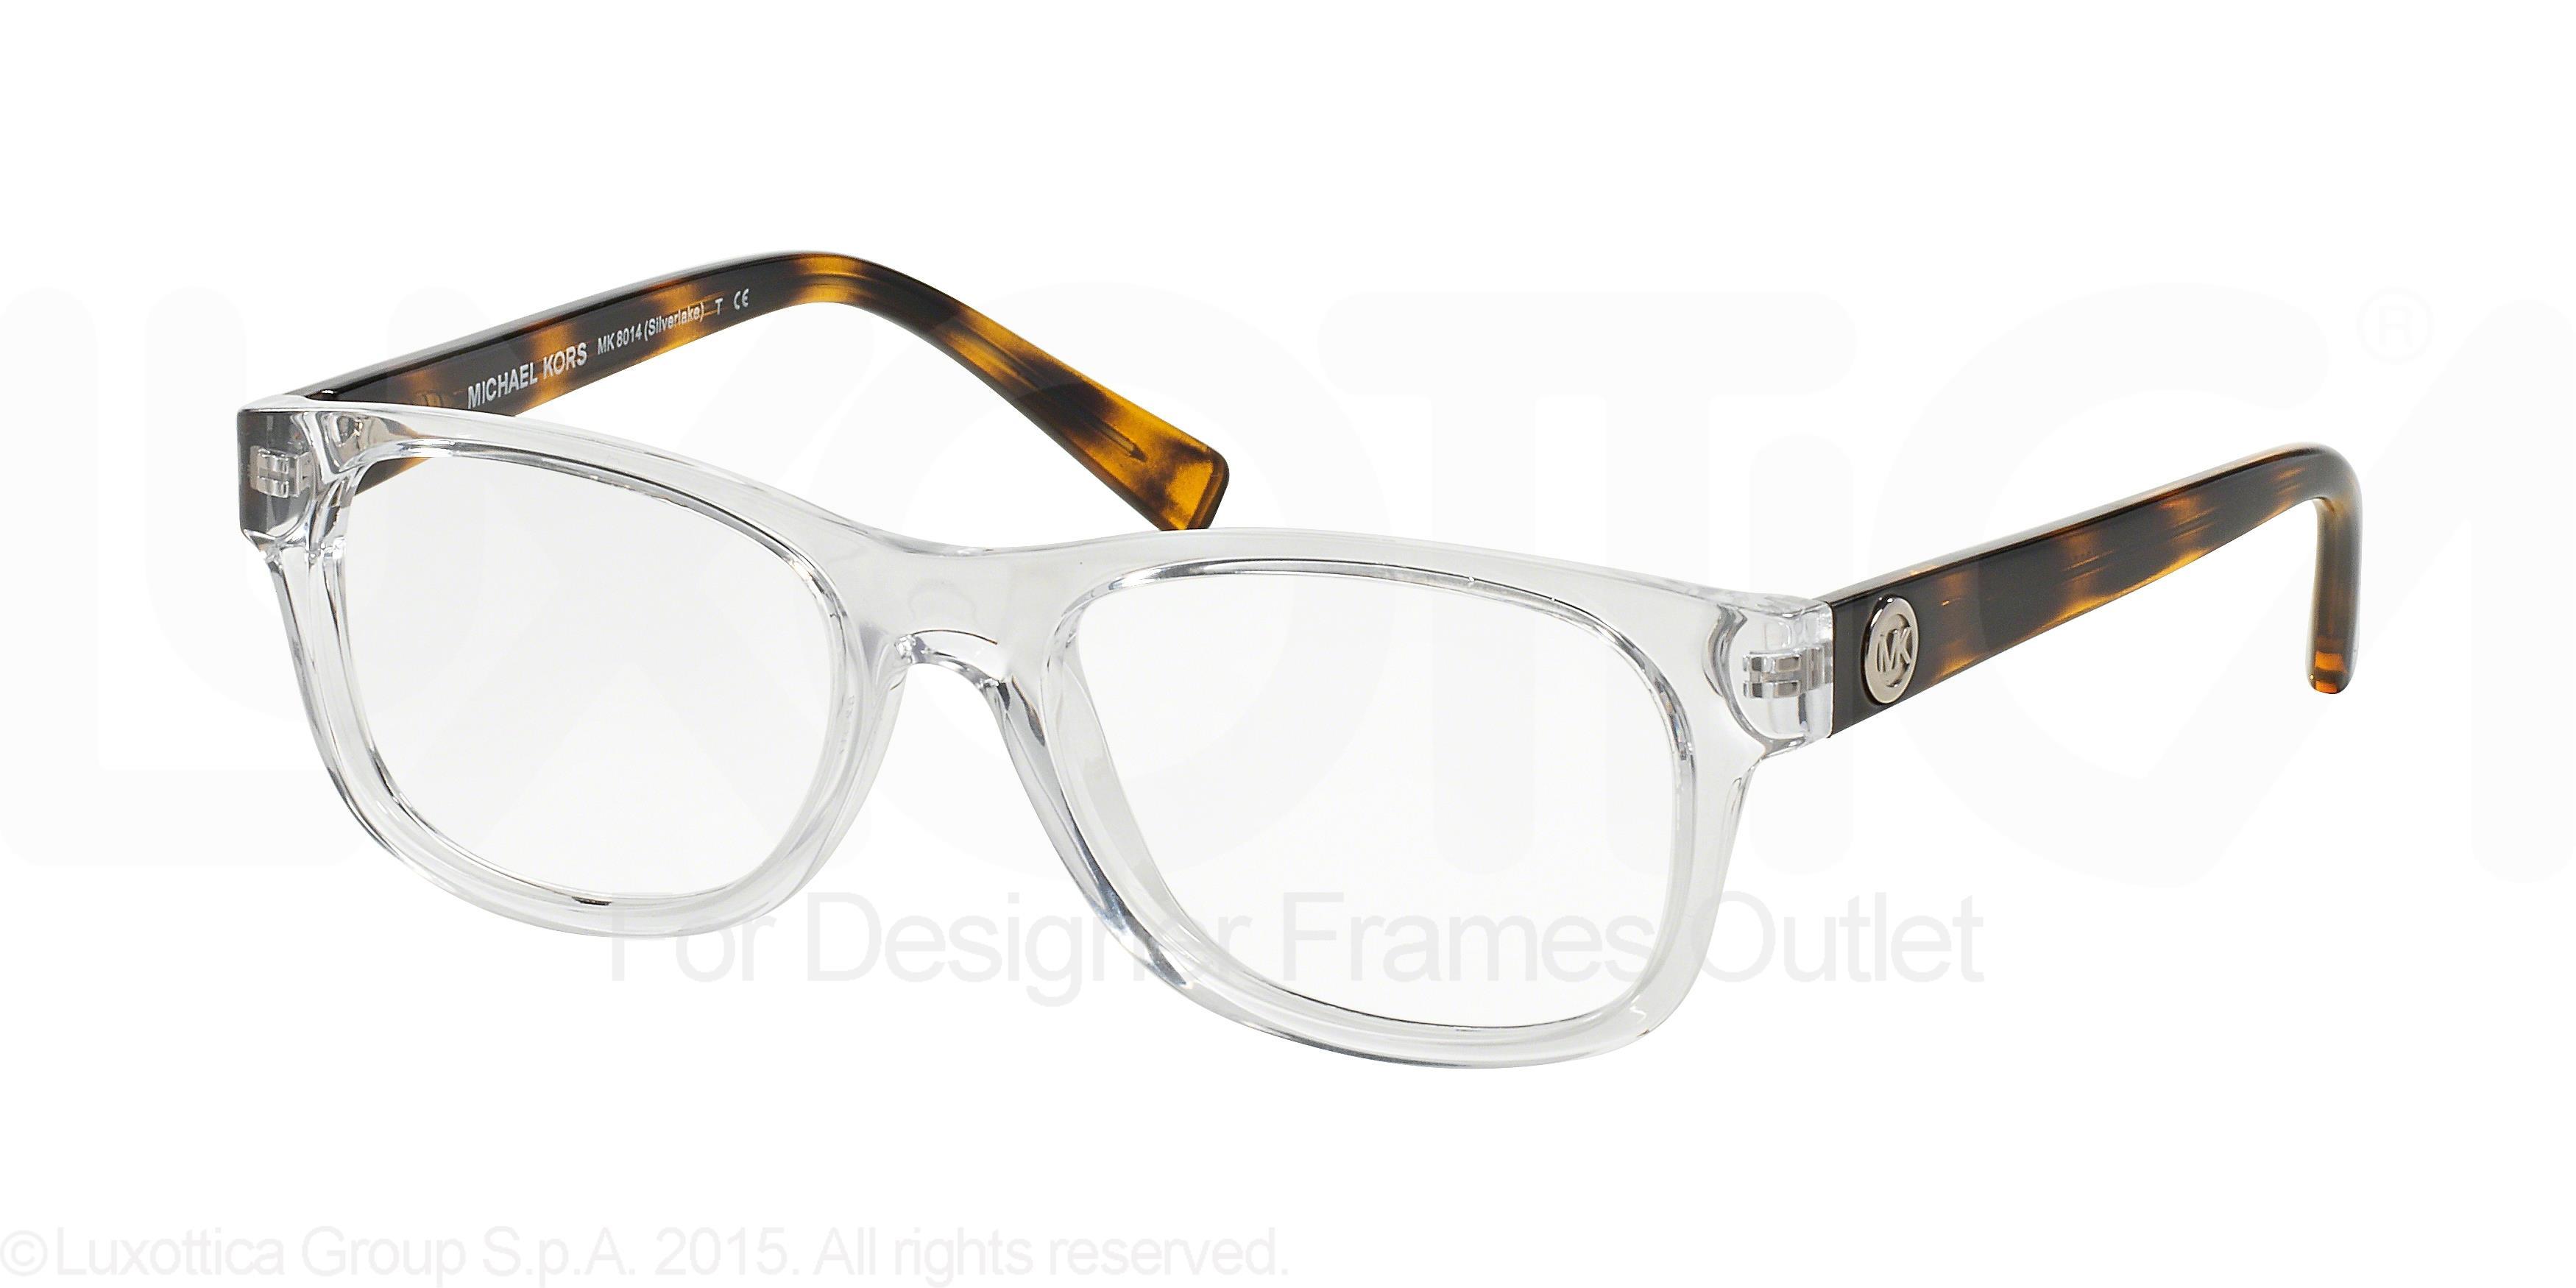 Designer Frames Outlet. Michael Kors MK8014